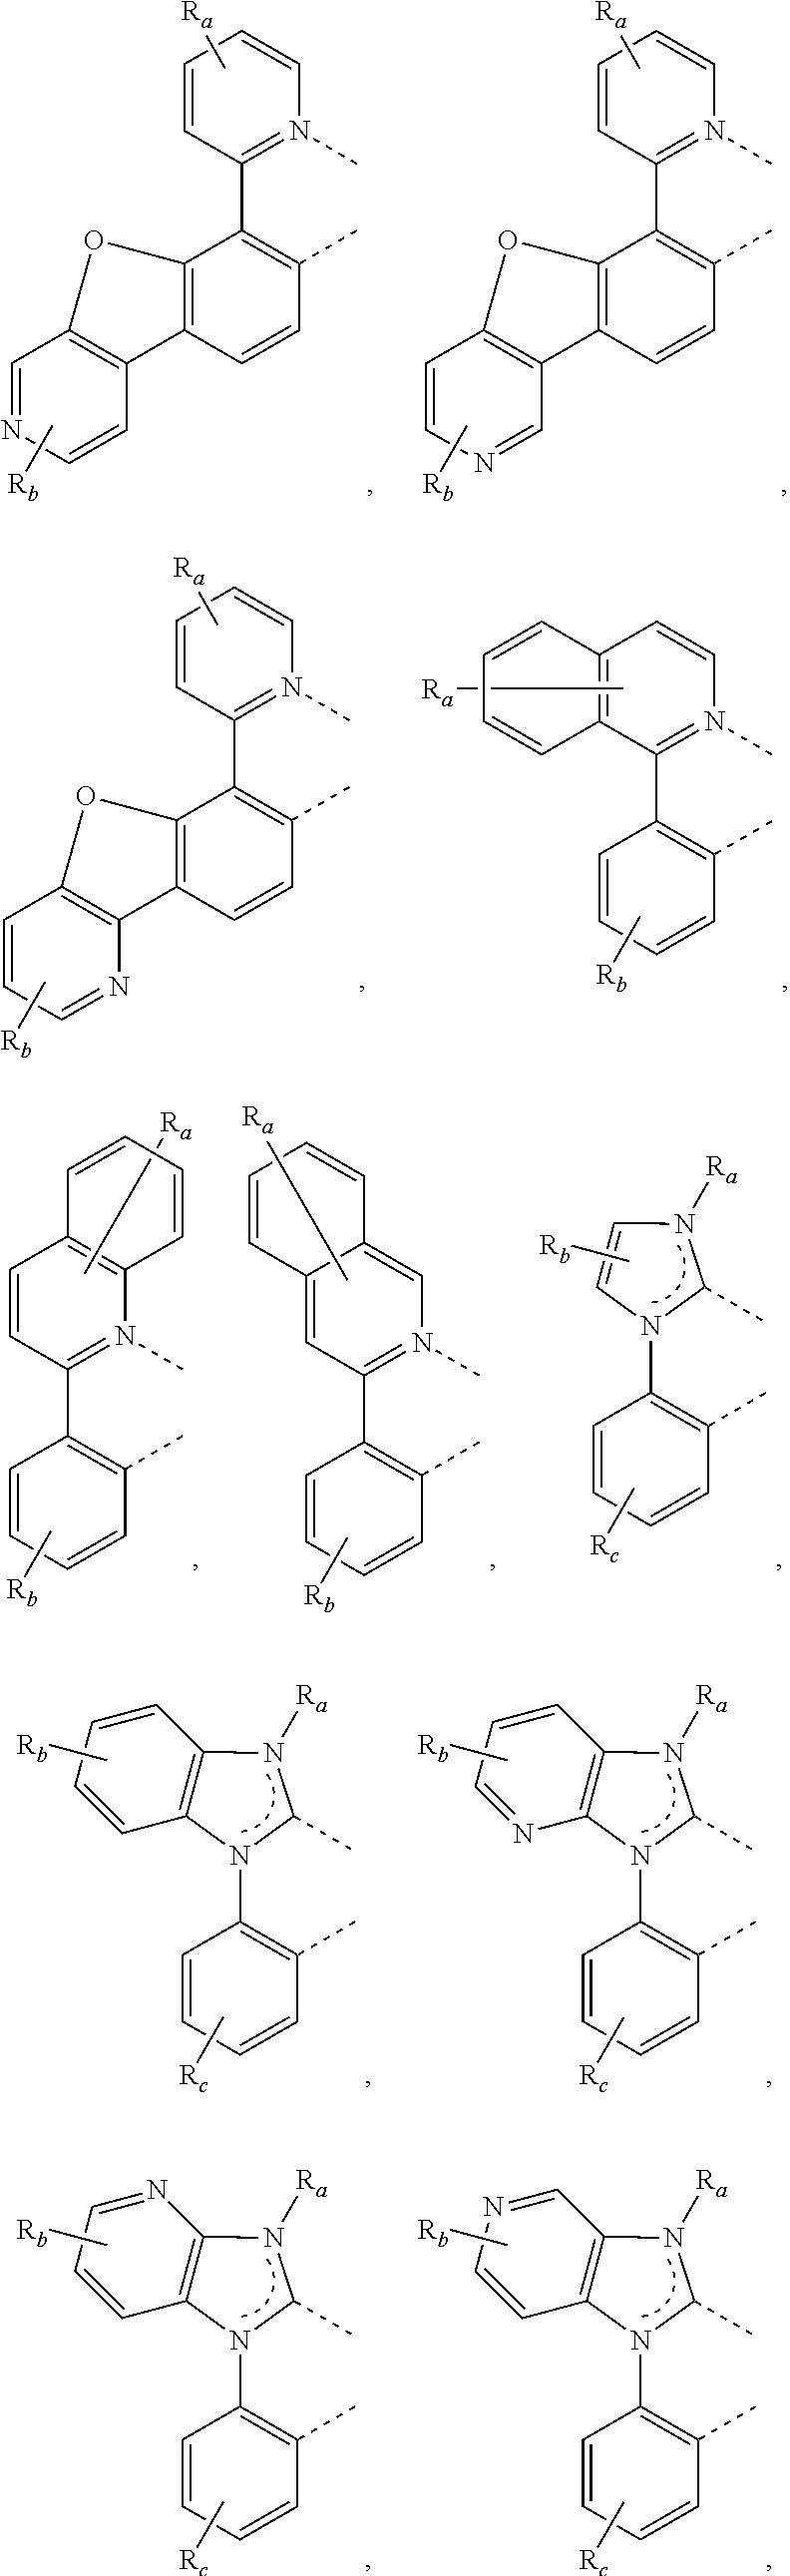 Figure US09553274-20170124-C00033